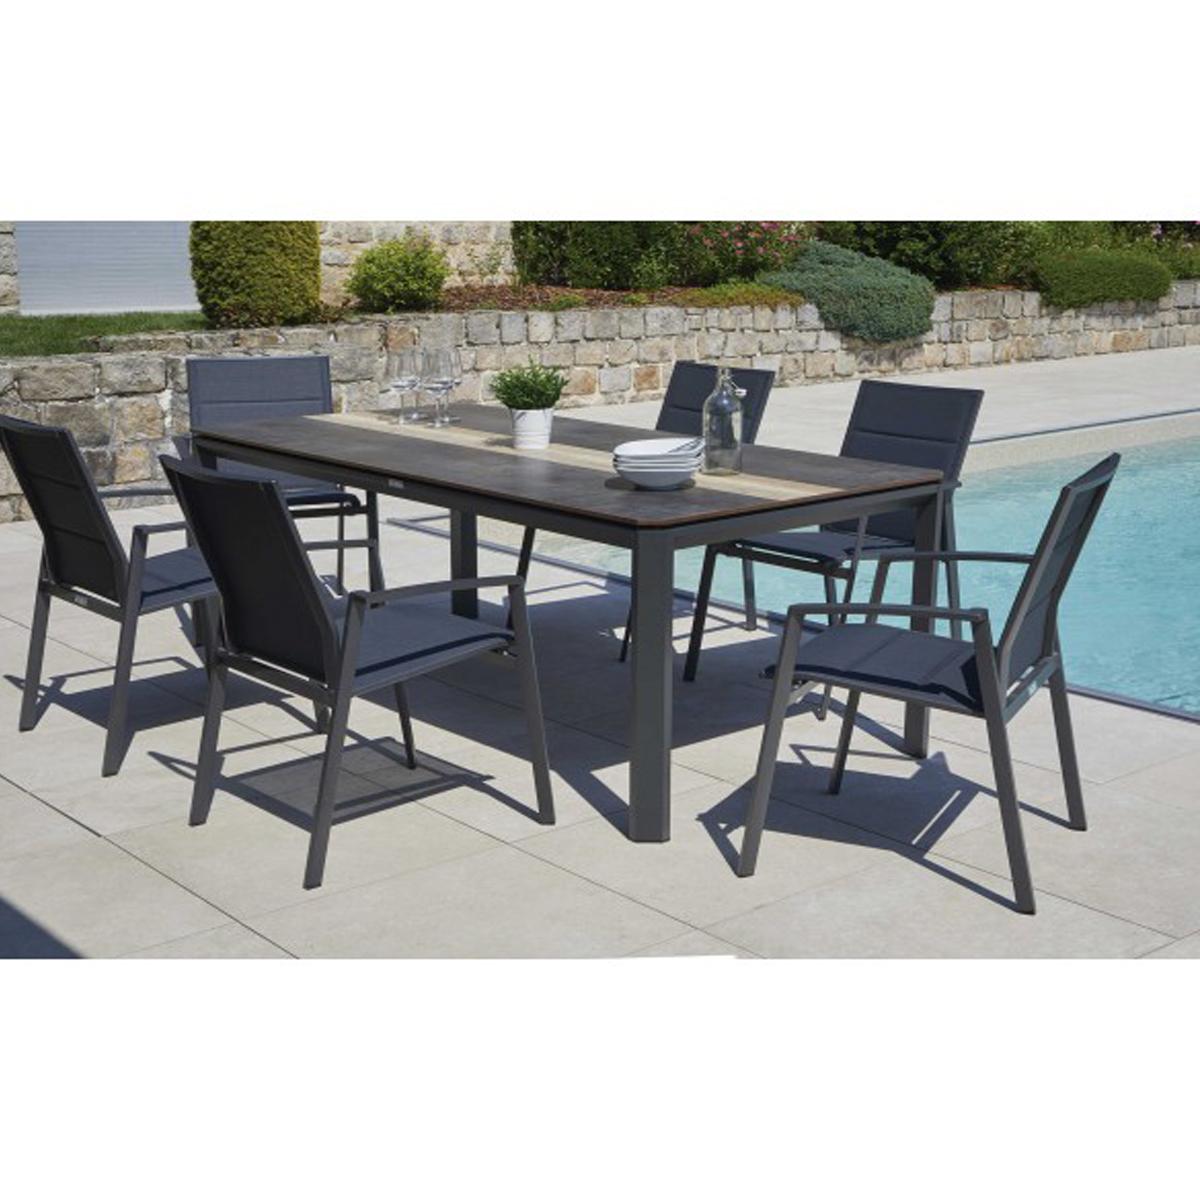 Ensemble repas avec fauteuils - Anthracite - 200 x 92 x 76 cm